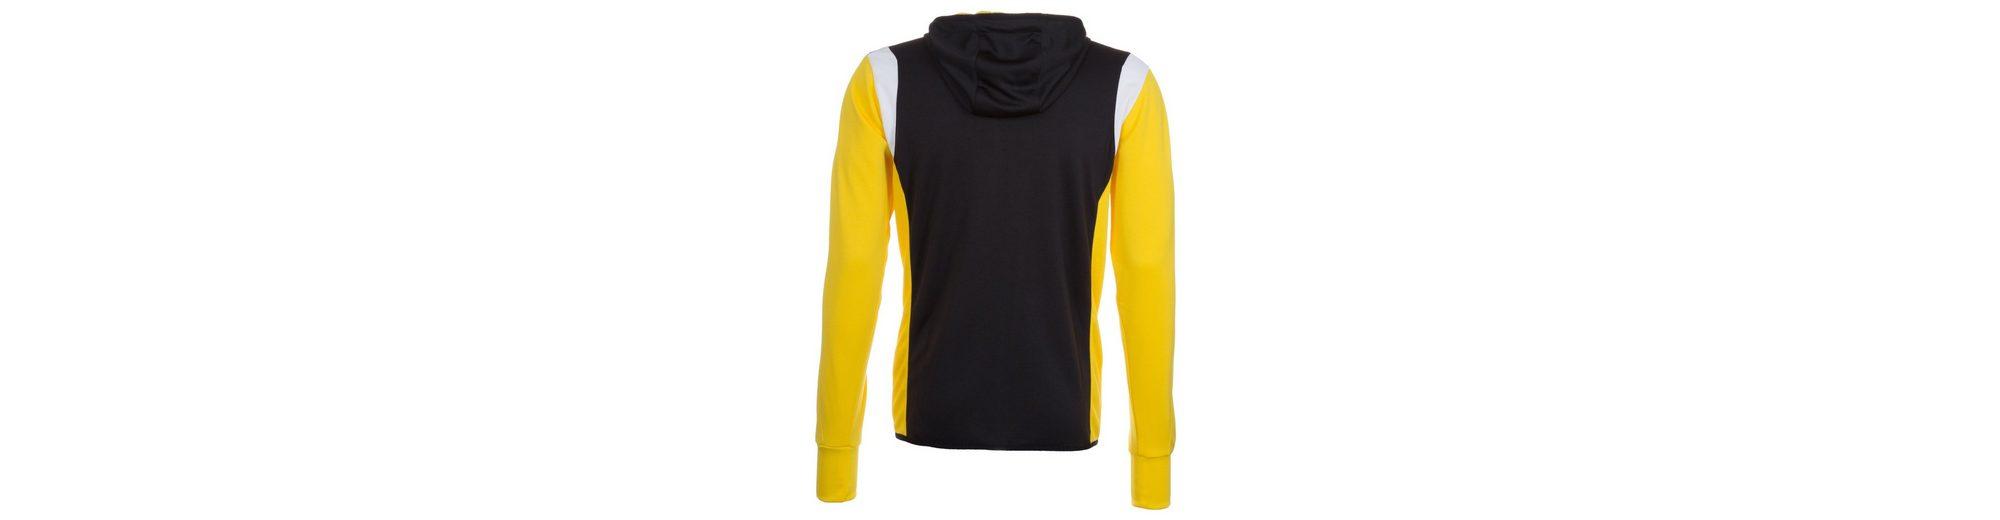 ERIMA Premium One Trainingsjacke mit Kapuze Herren Kostengünstig Verkauf Des Niedrigen Preises Offizielle Seite Günstig Online Auslass Bester Verkauf EU6nAMNS